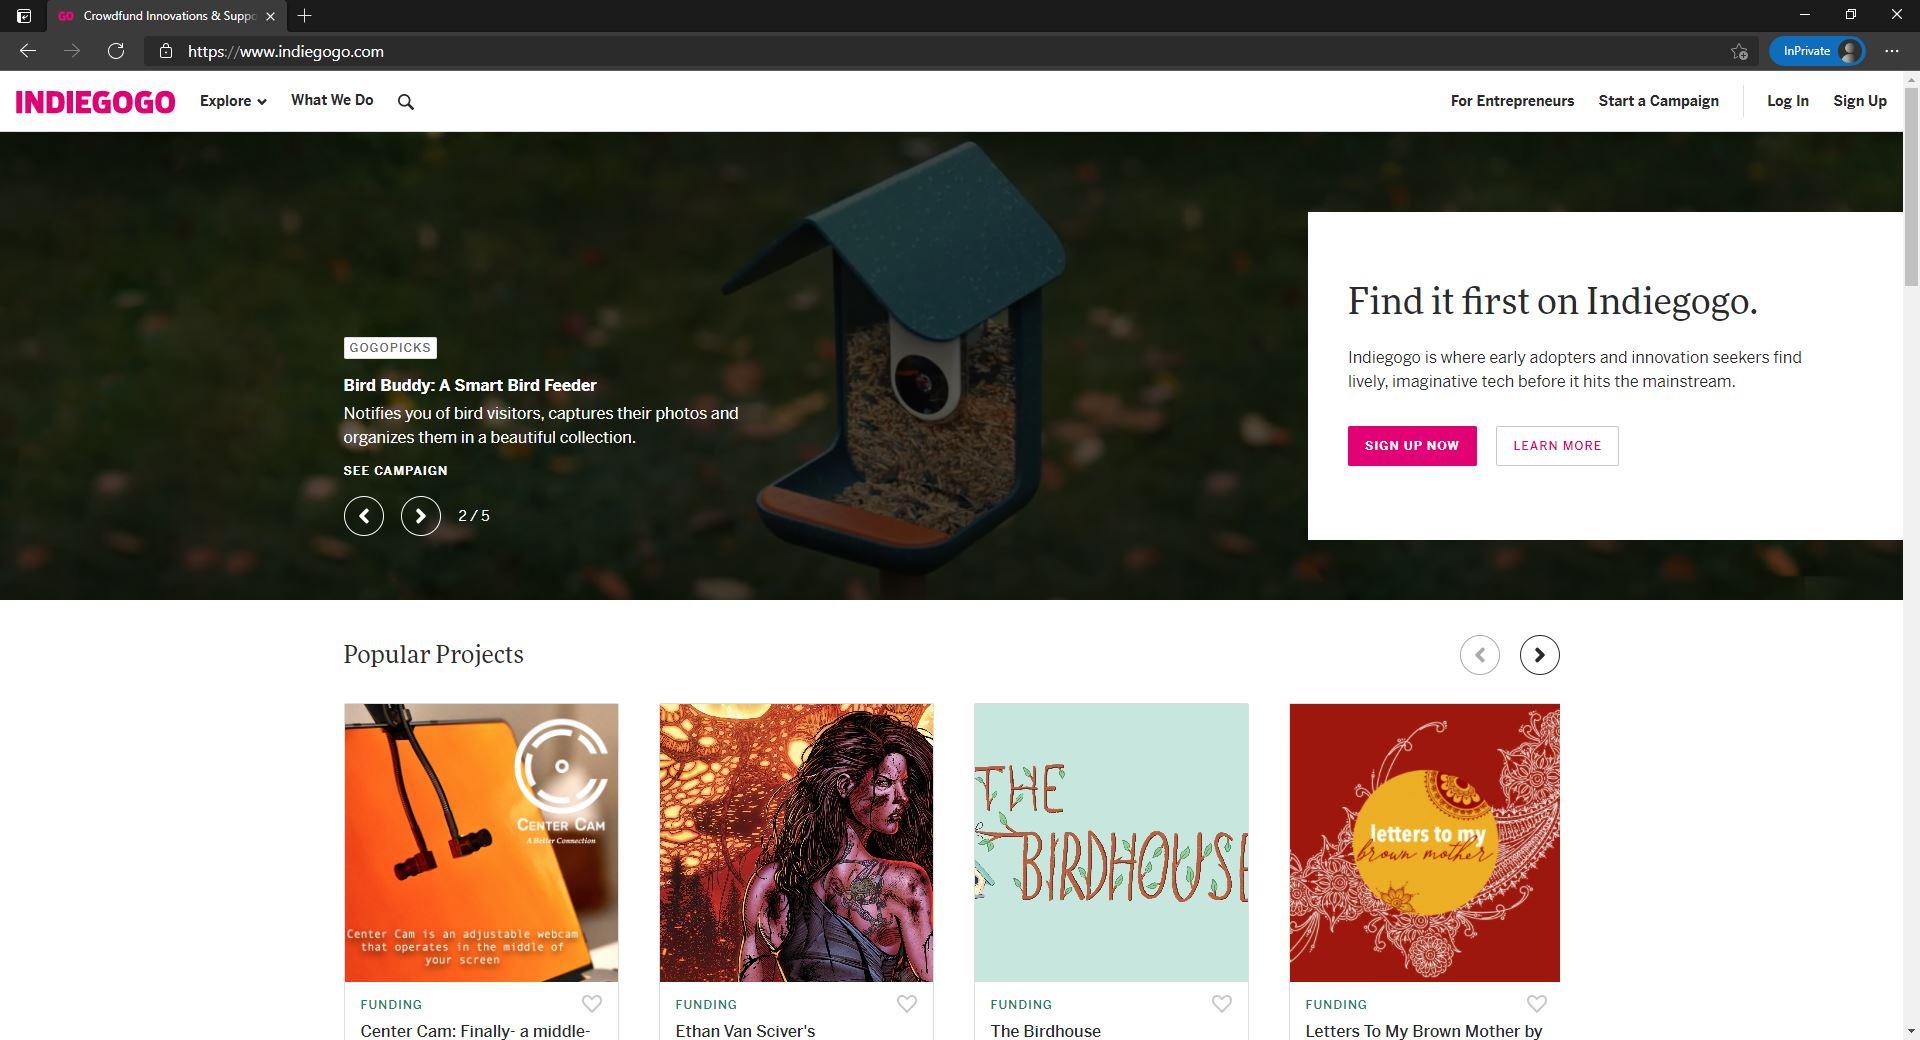 Indiegogo website homepage